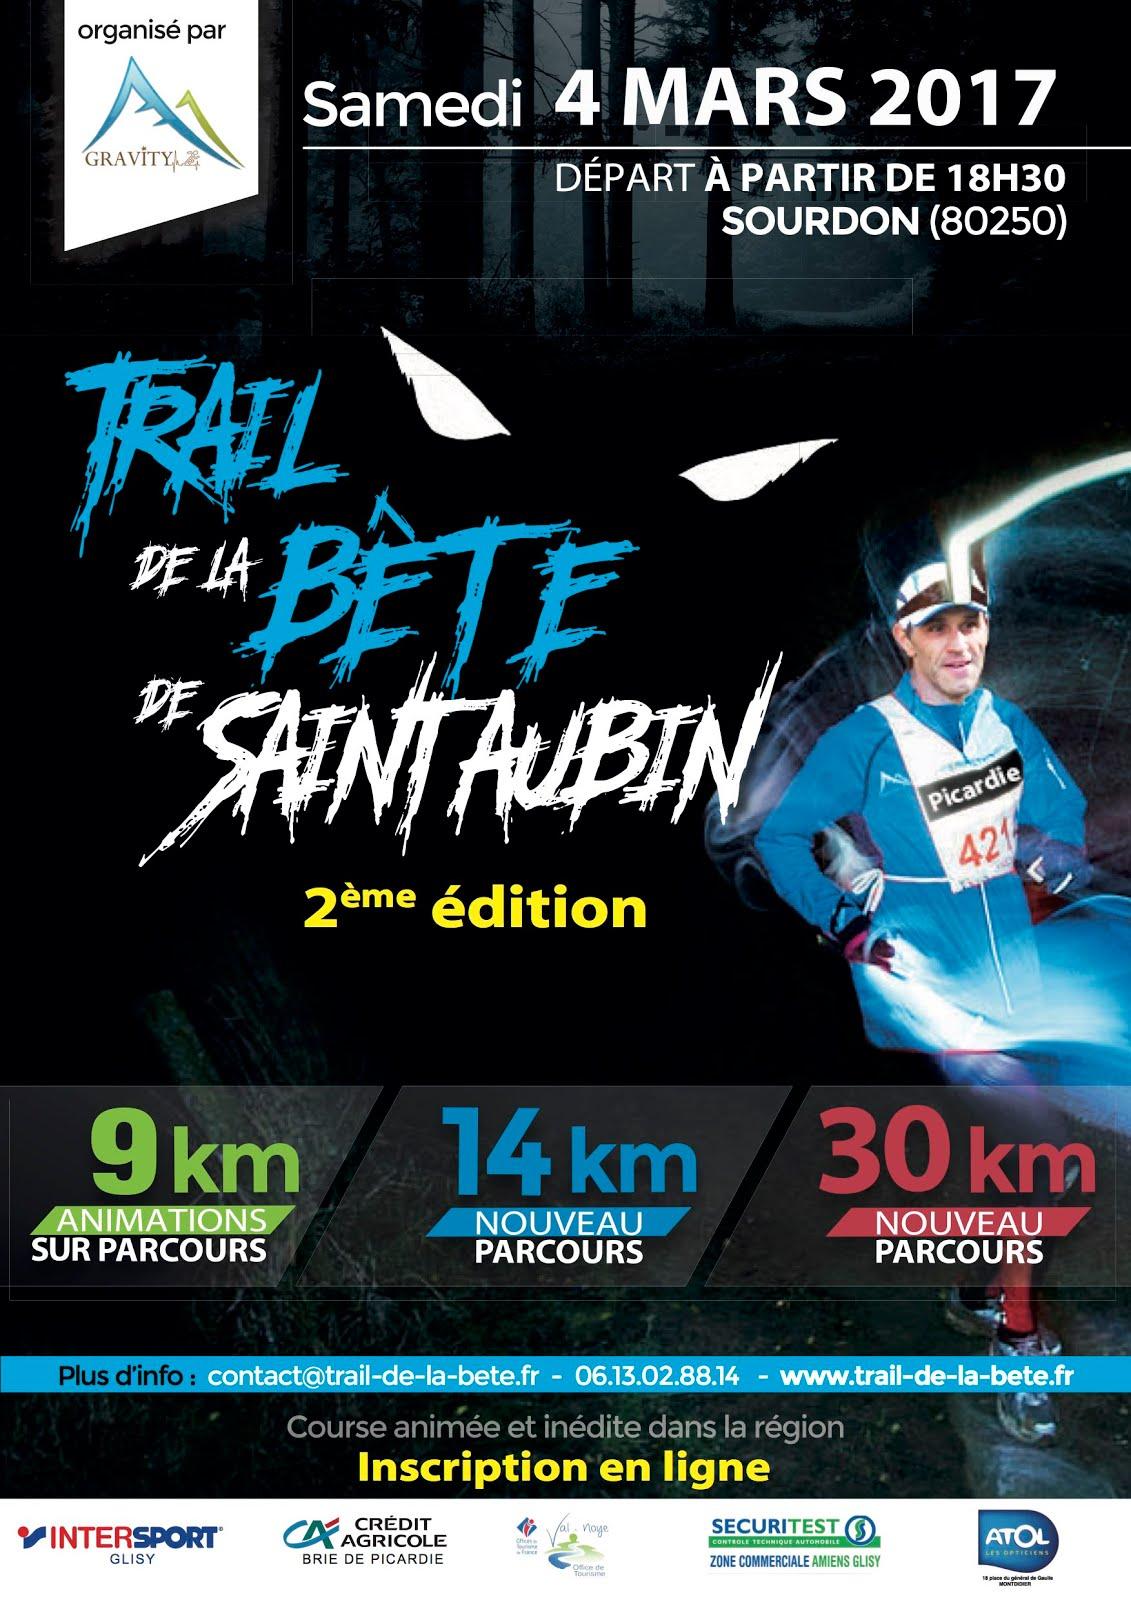 Trail De La Bête de Saint Aubin